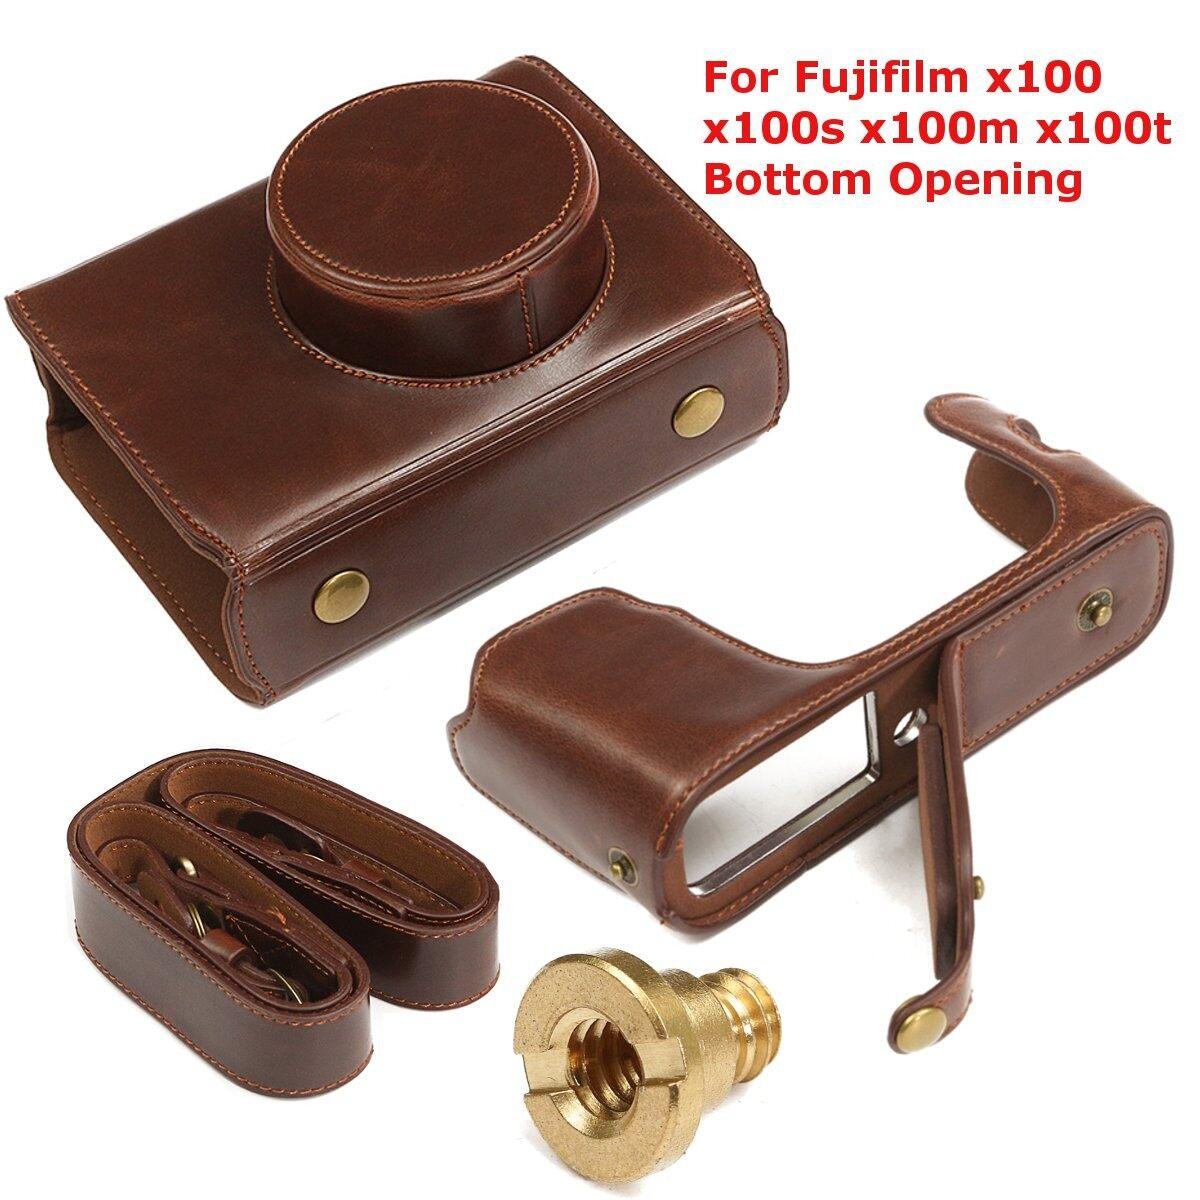 Giá Bao Da Túi Đựng Cover Dành Cho Máy Ảnh Fujifilm X100 X100S X100m X100T Đáy Mở